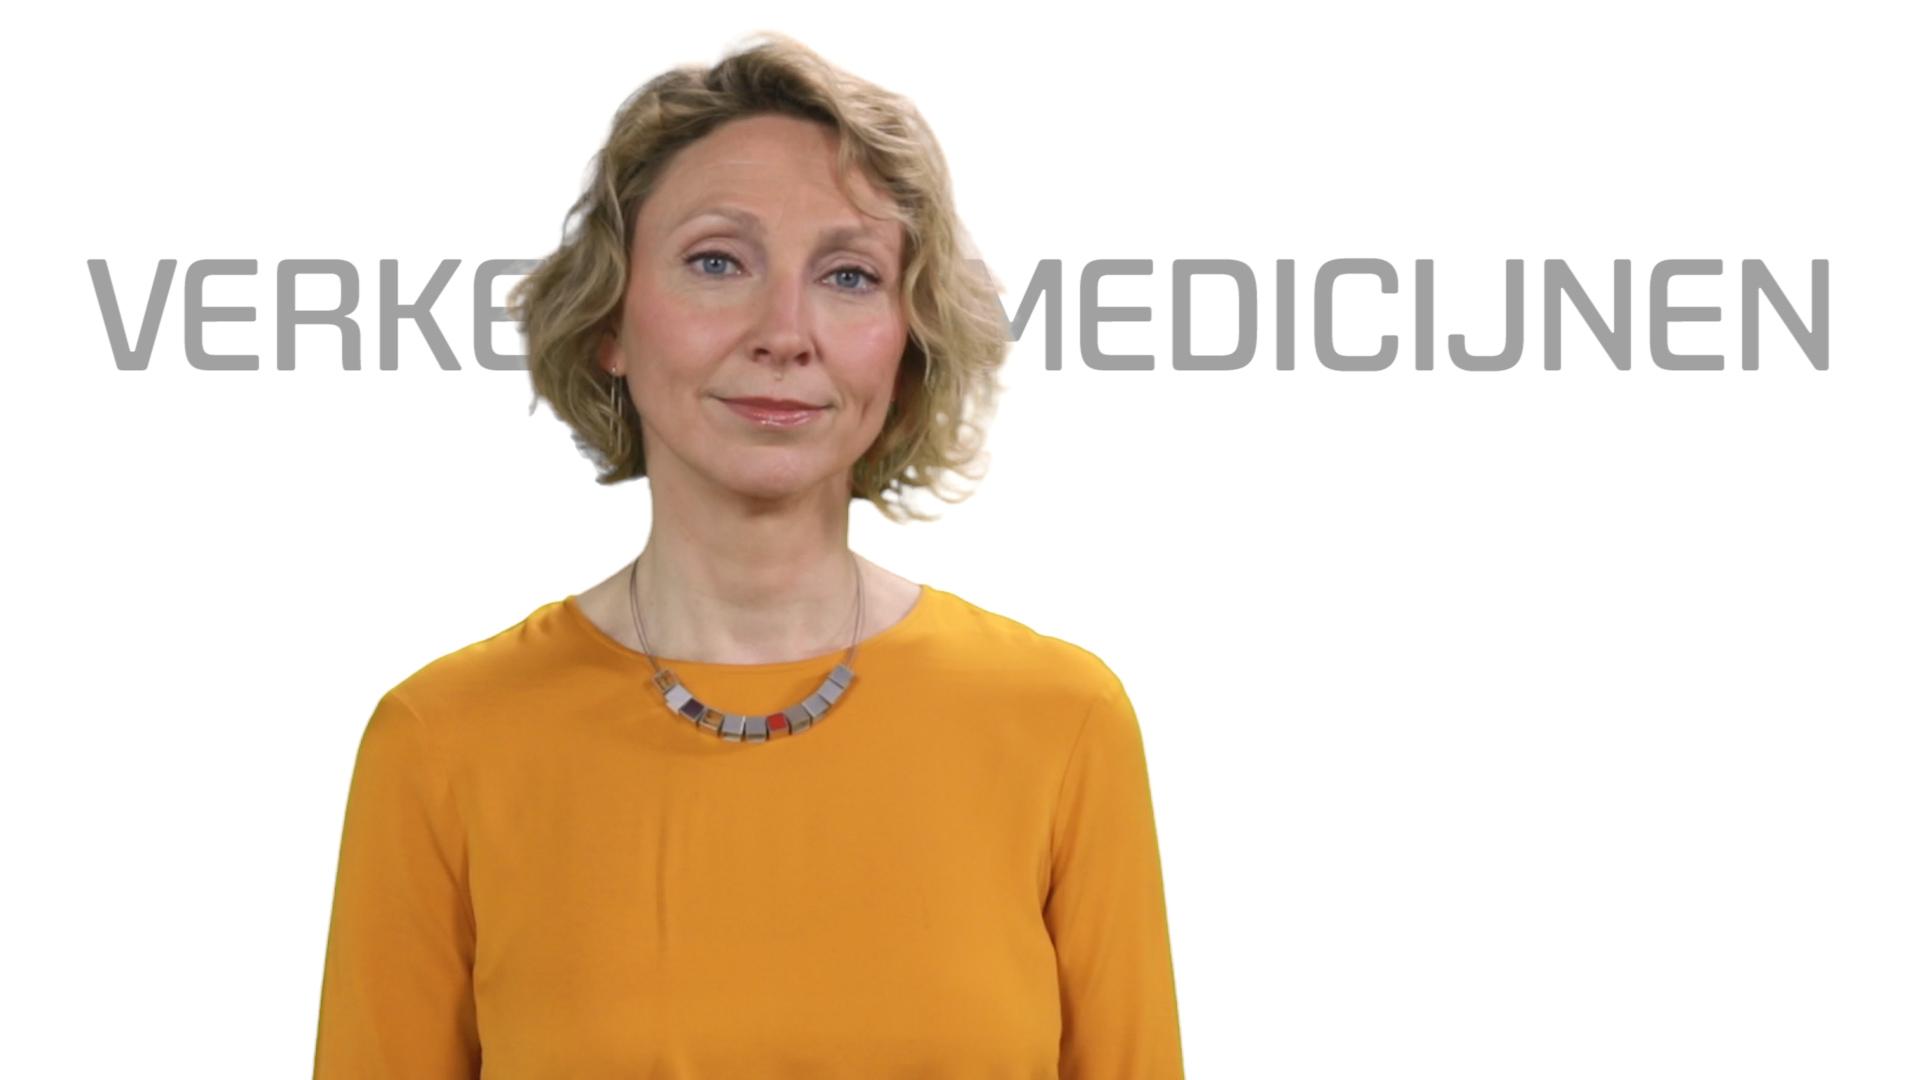 Bekijk de video: Verkeer en medicijnen